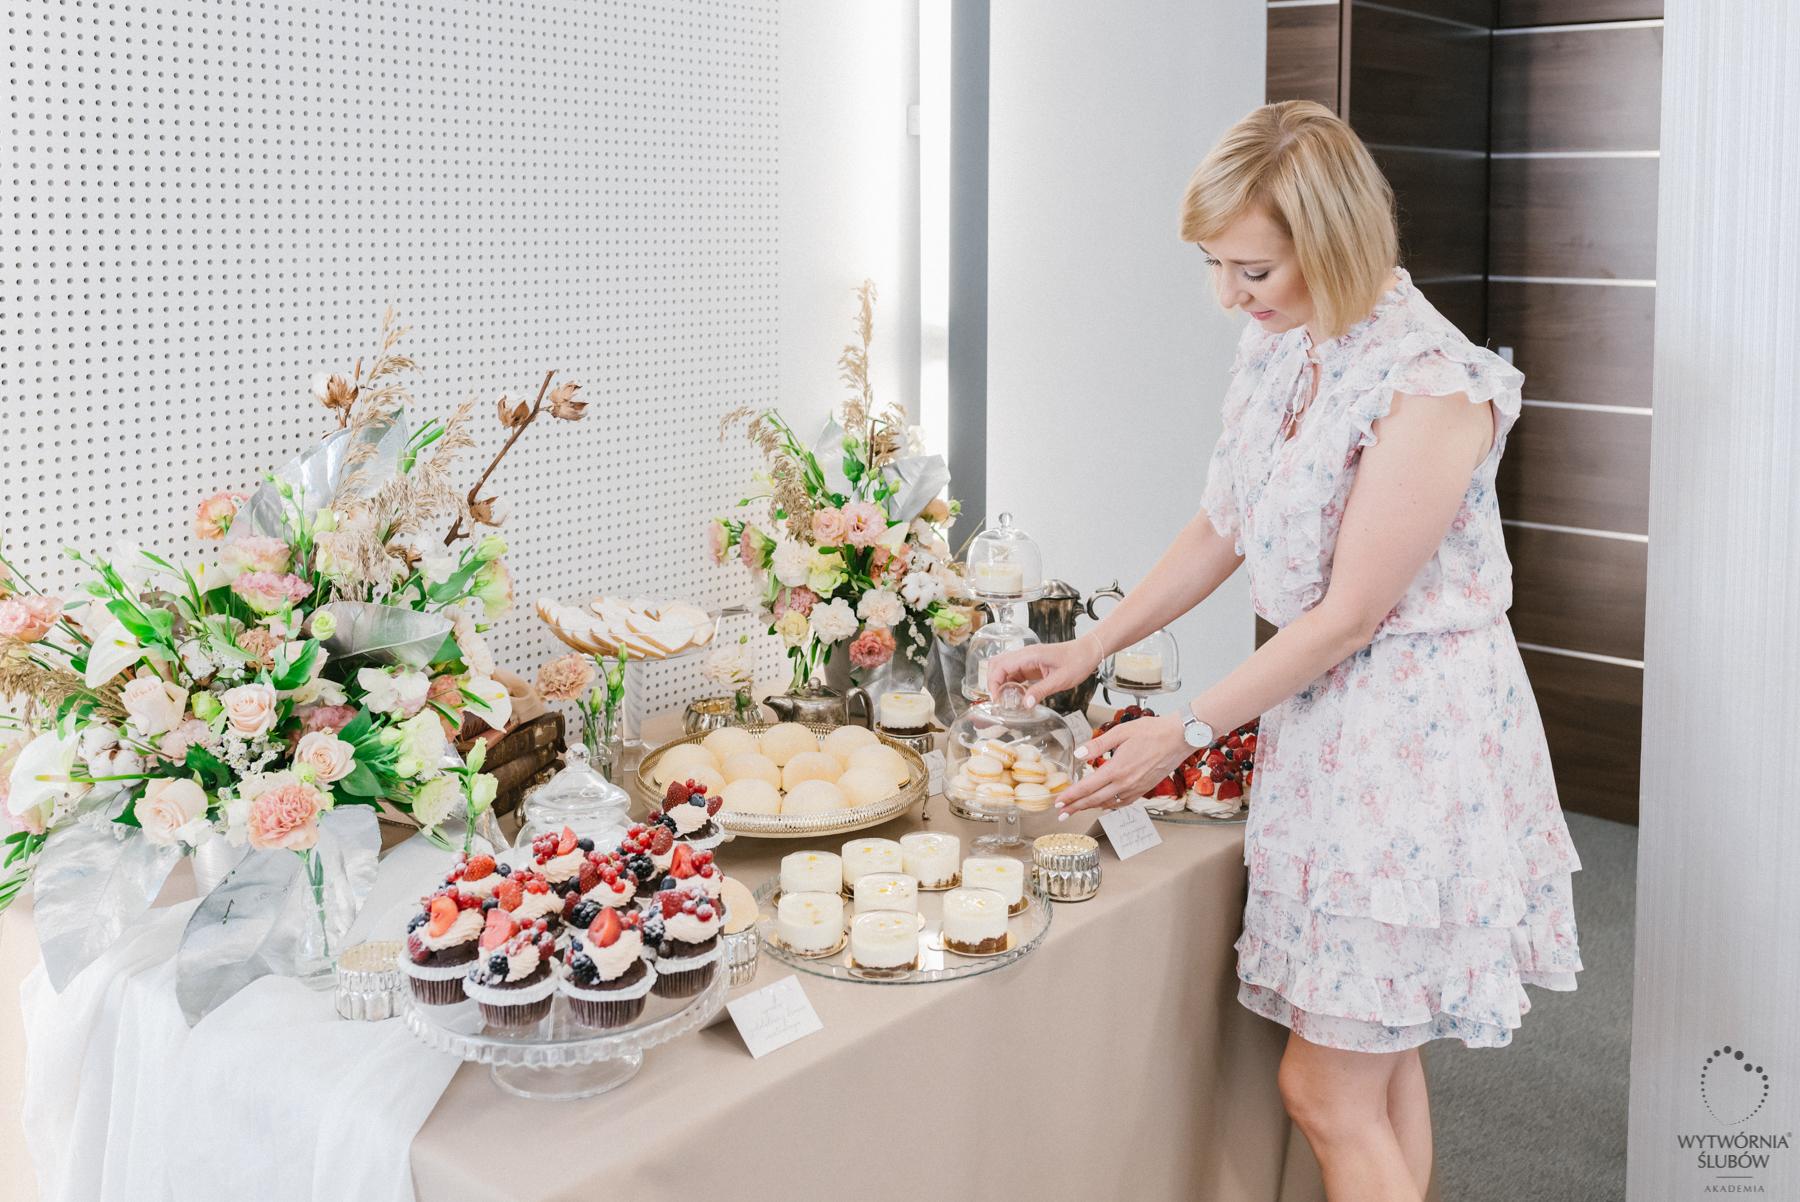 ozdoby stołu - ślubne dekoracje